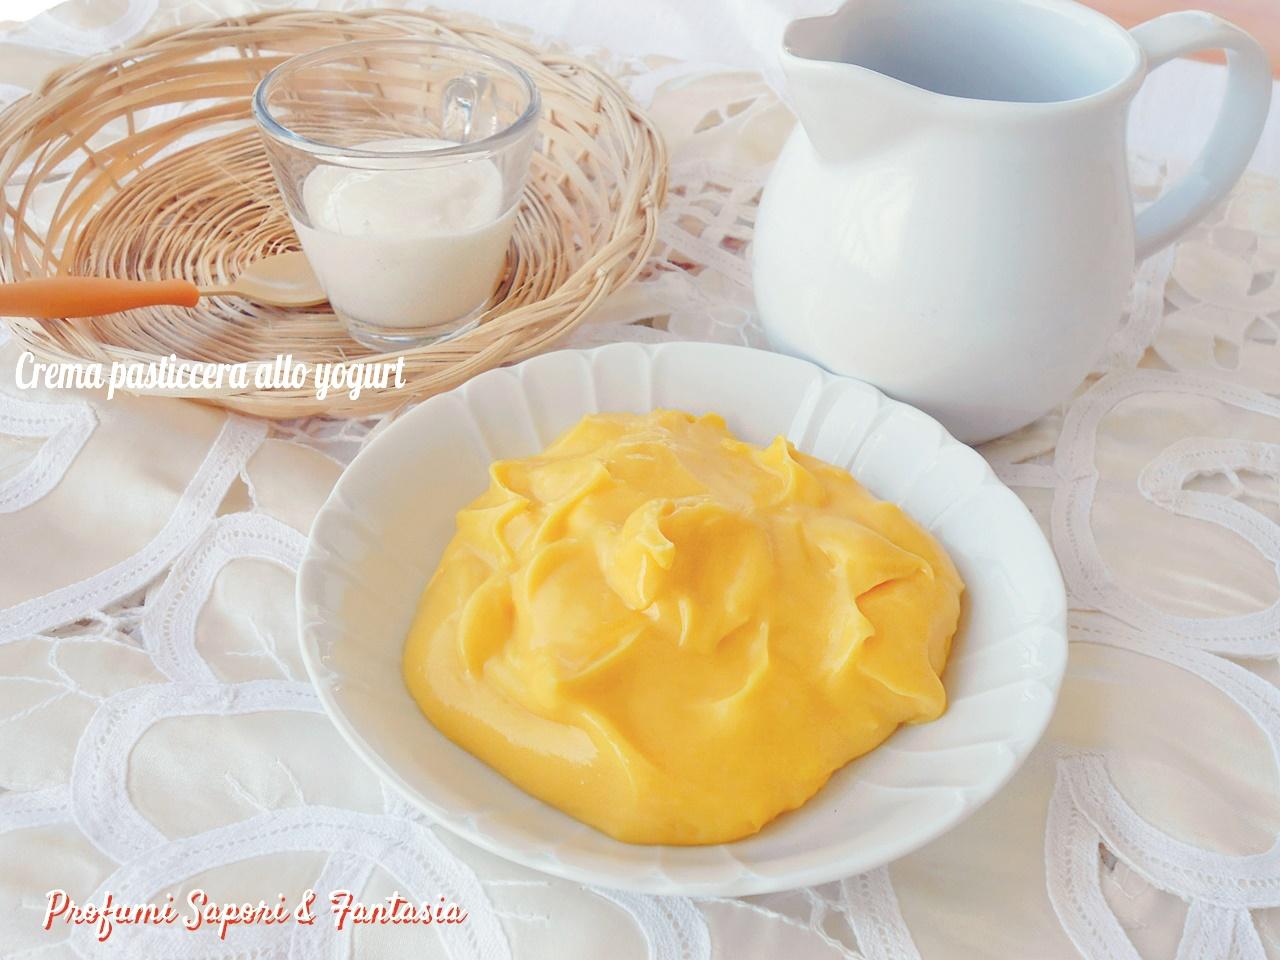 crema-pasticcera-allo-yogurt